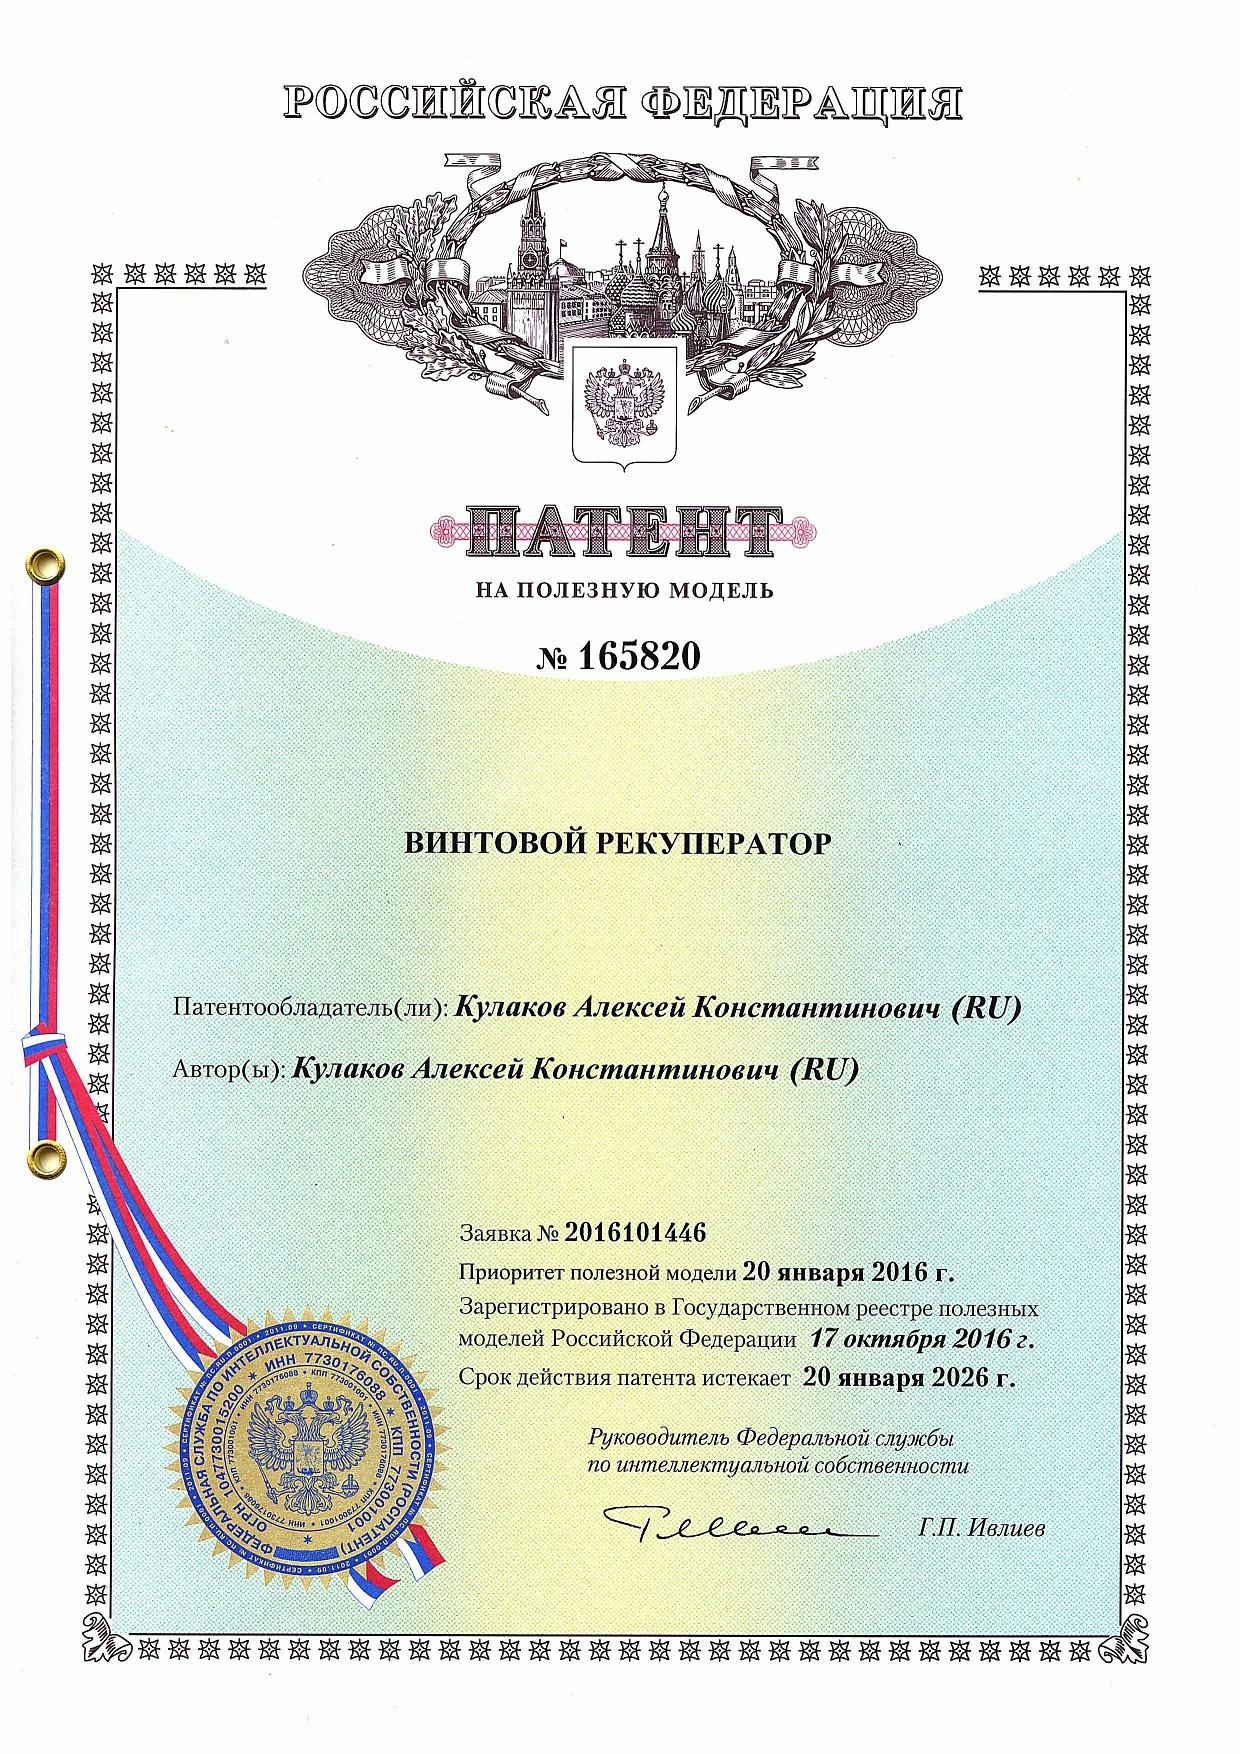 патент на полезную модель винтовой рекуператор